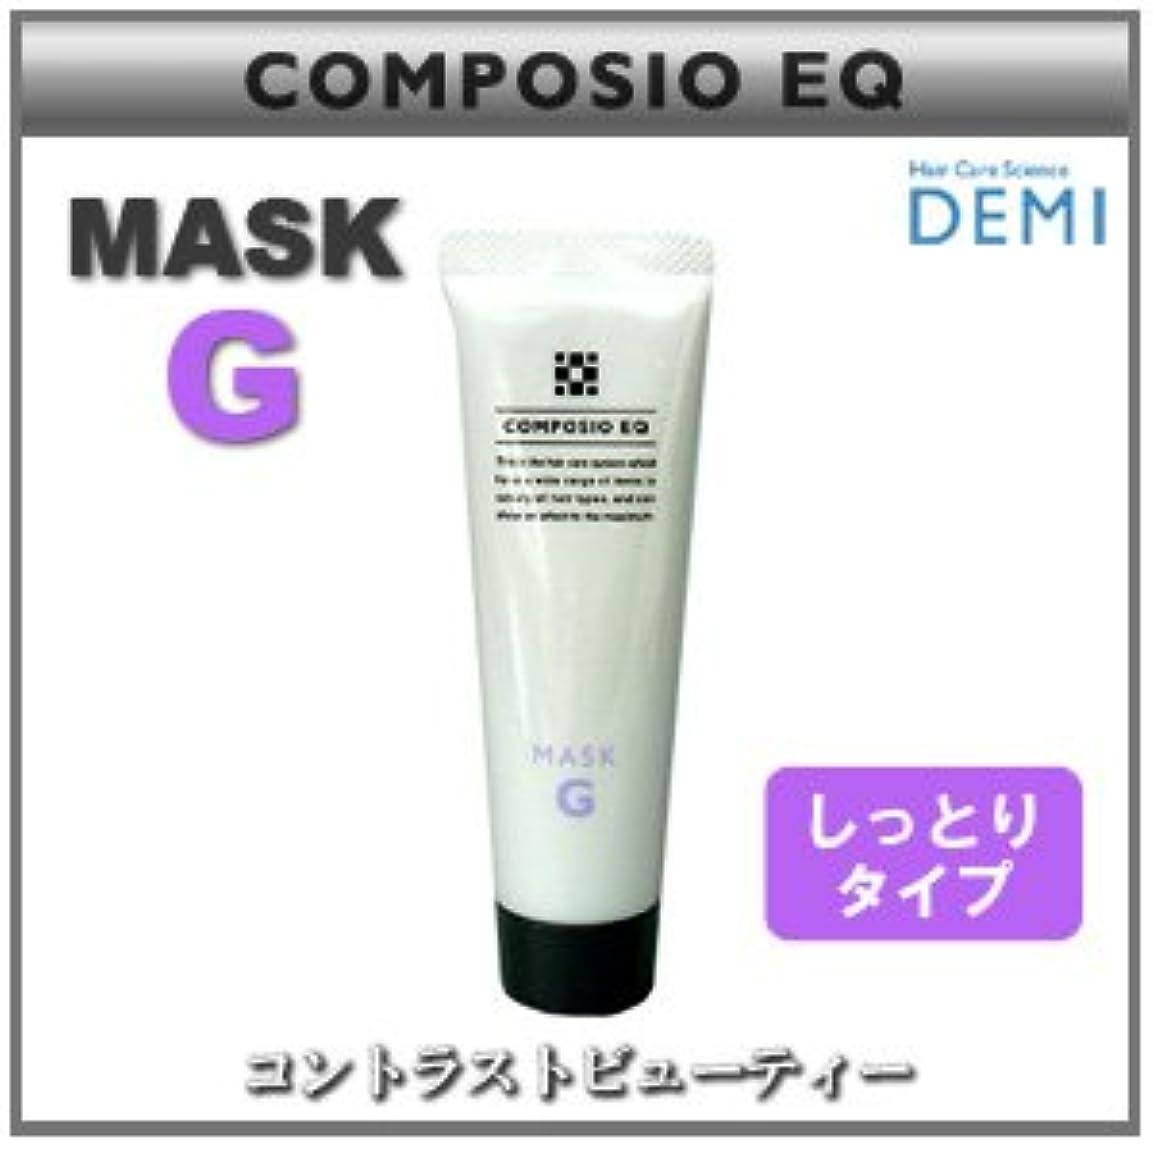 シリアル電極肘掛け椅子【X5個セット】 デミ コンポジオ EQ マスク G 50g